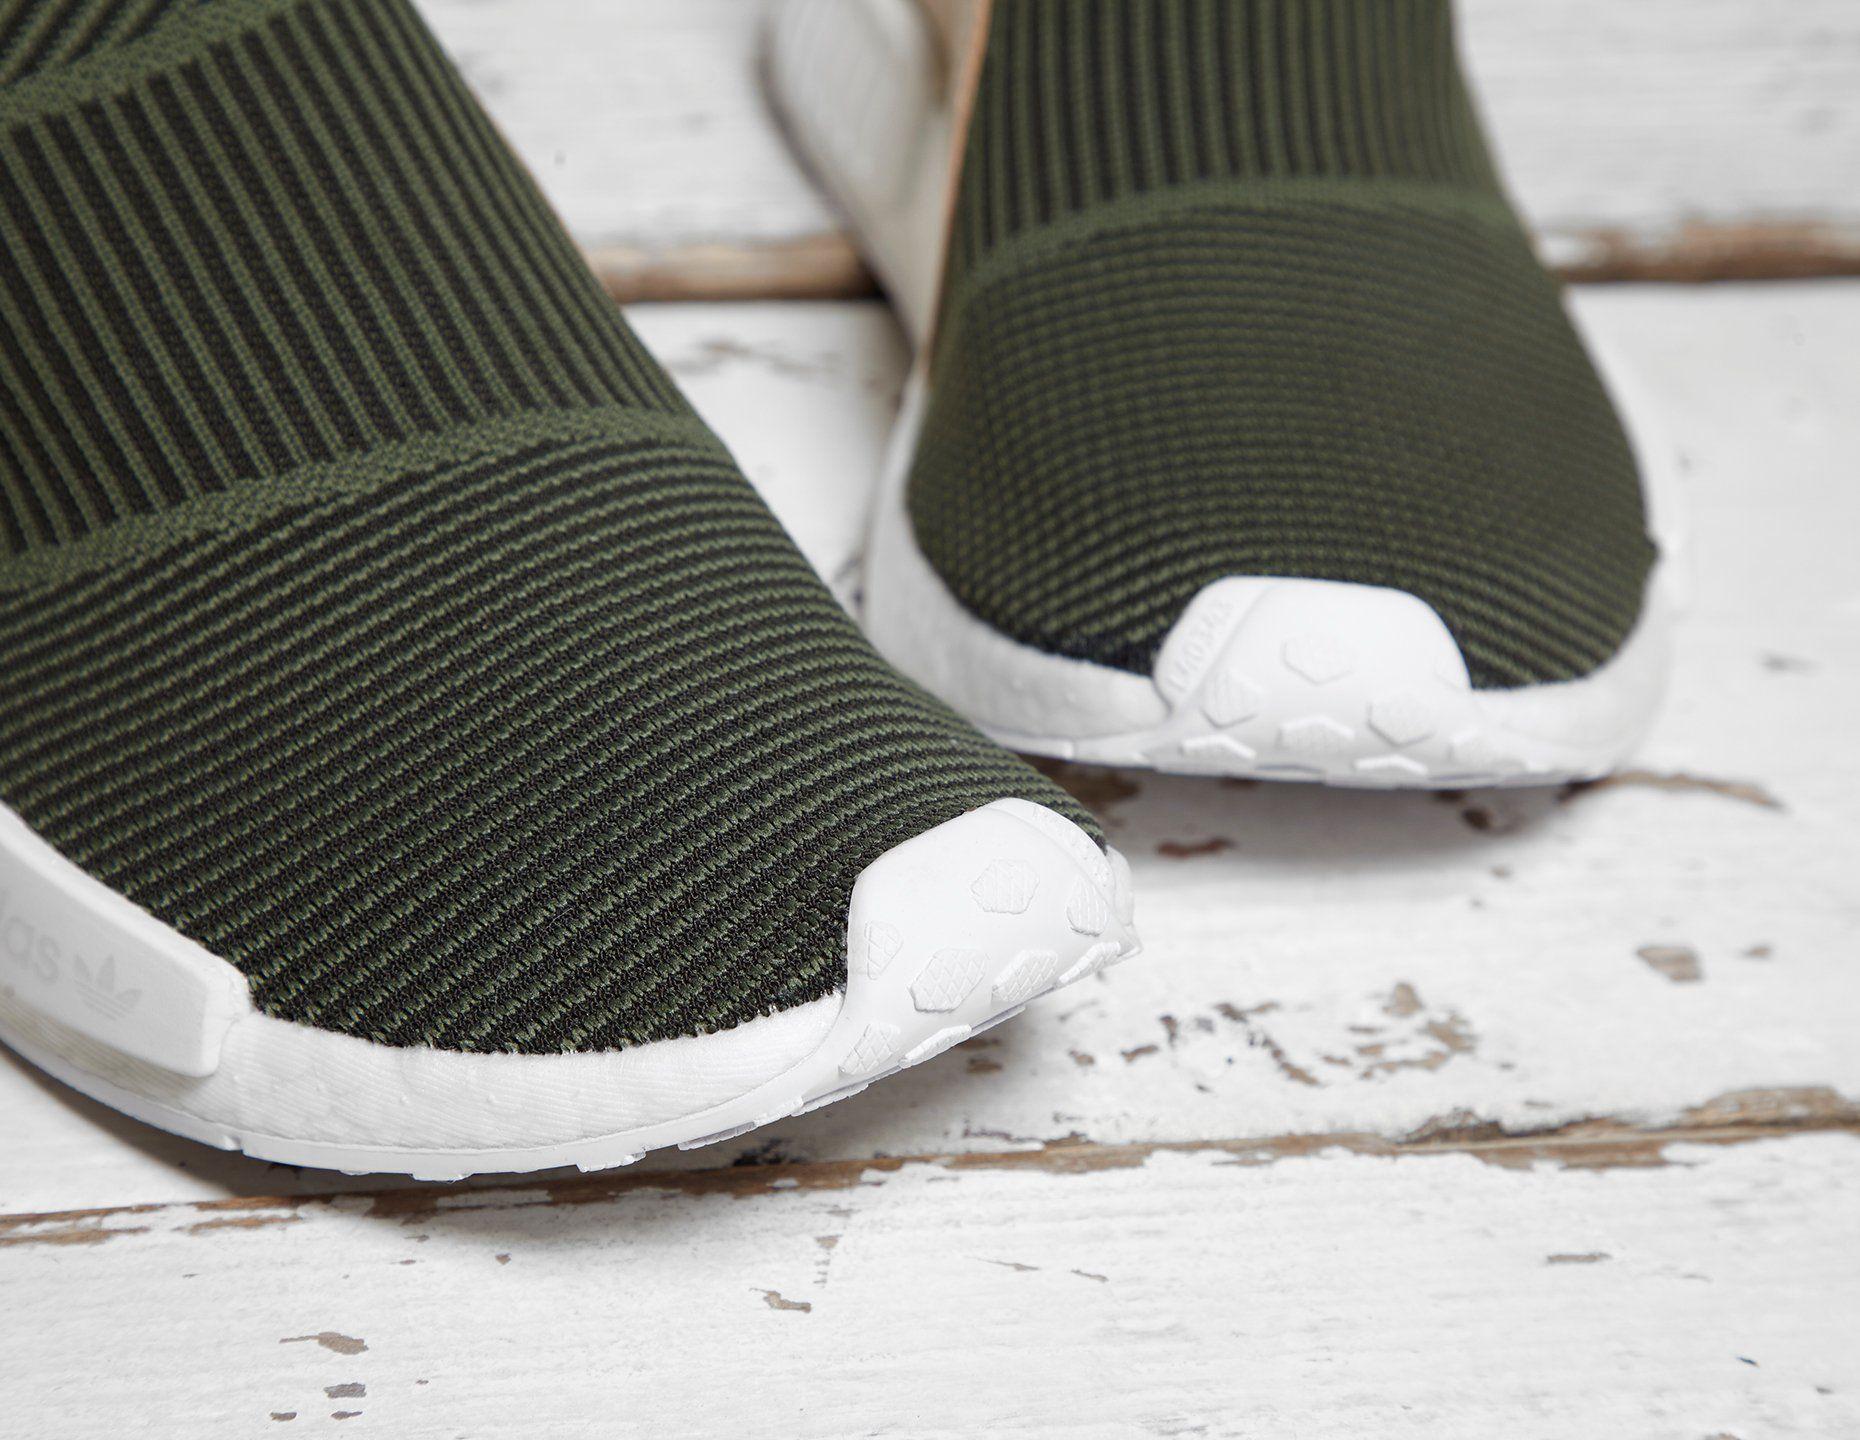 Adidas Originals Nmd Cs1 Footpatrol